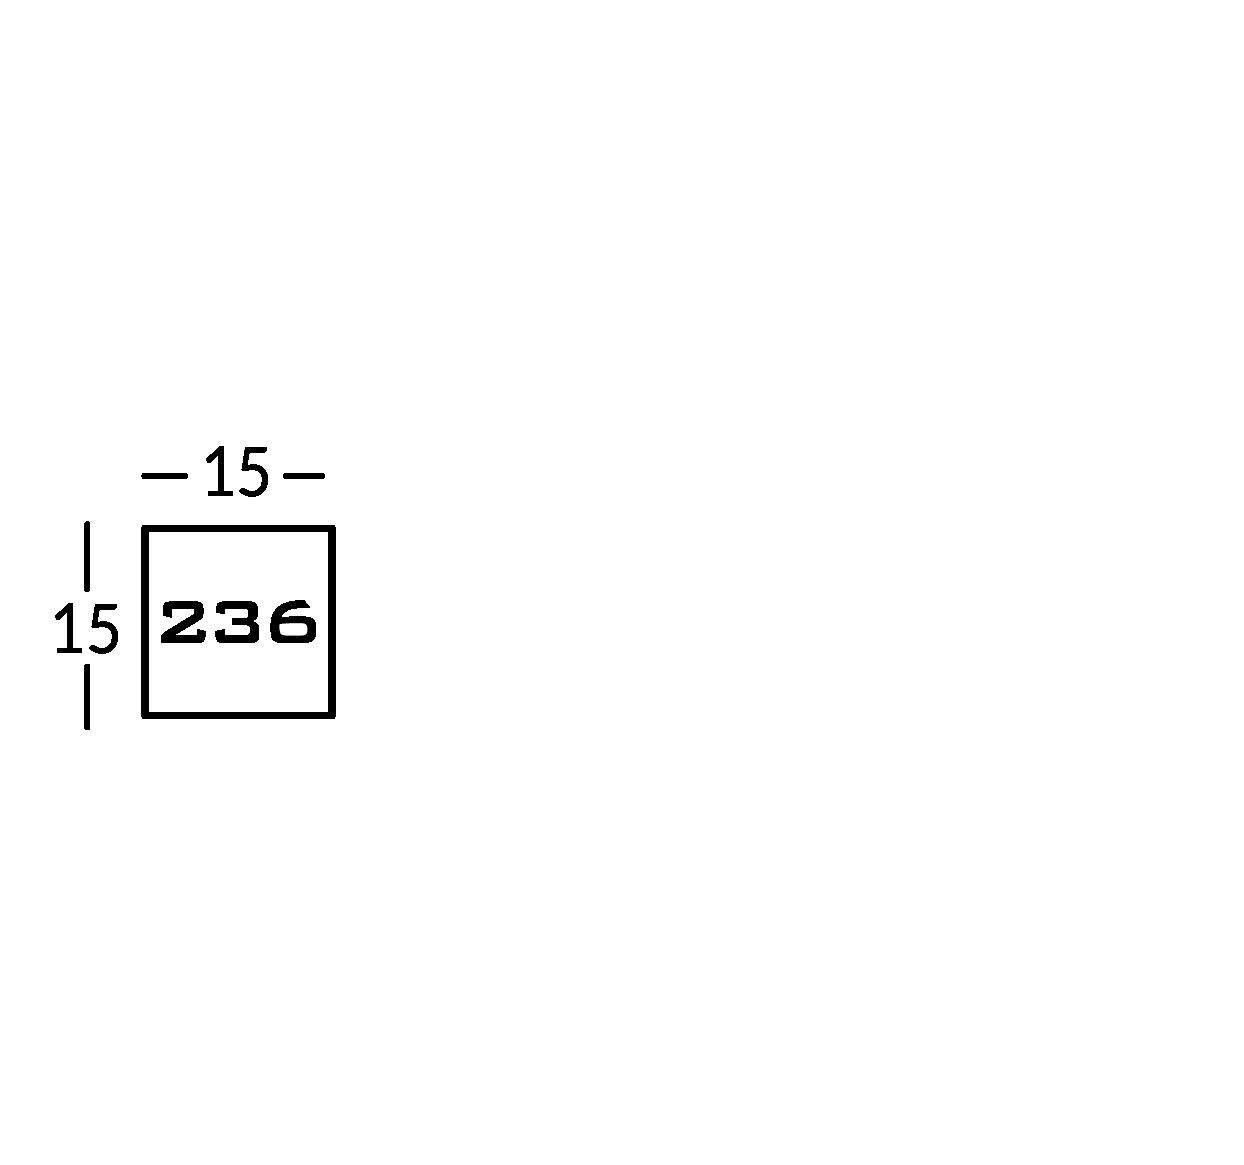 Ligne de signalétique en acier inox, laiton et plexiglas colorés, avec des caractères en relief.